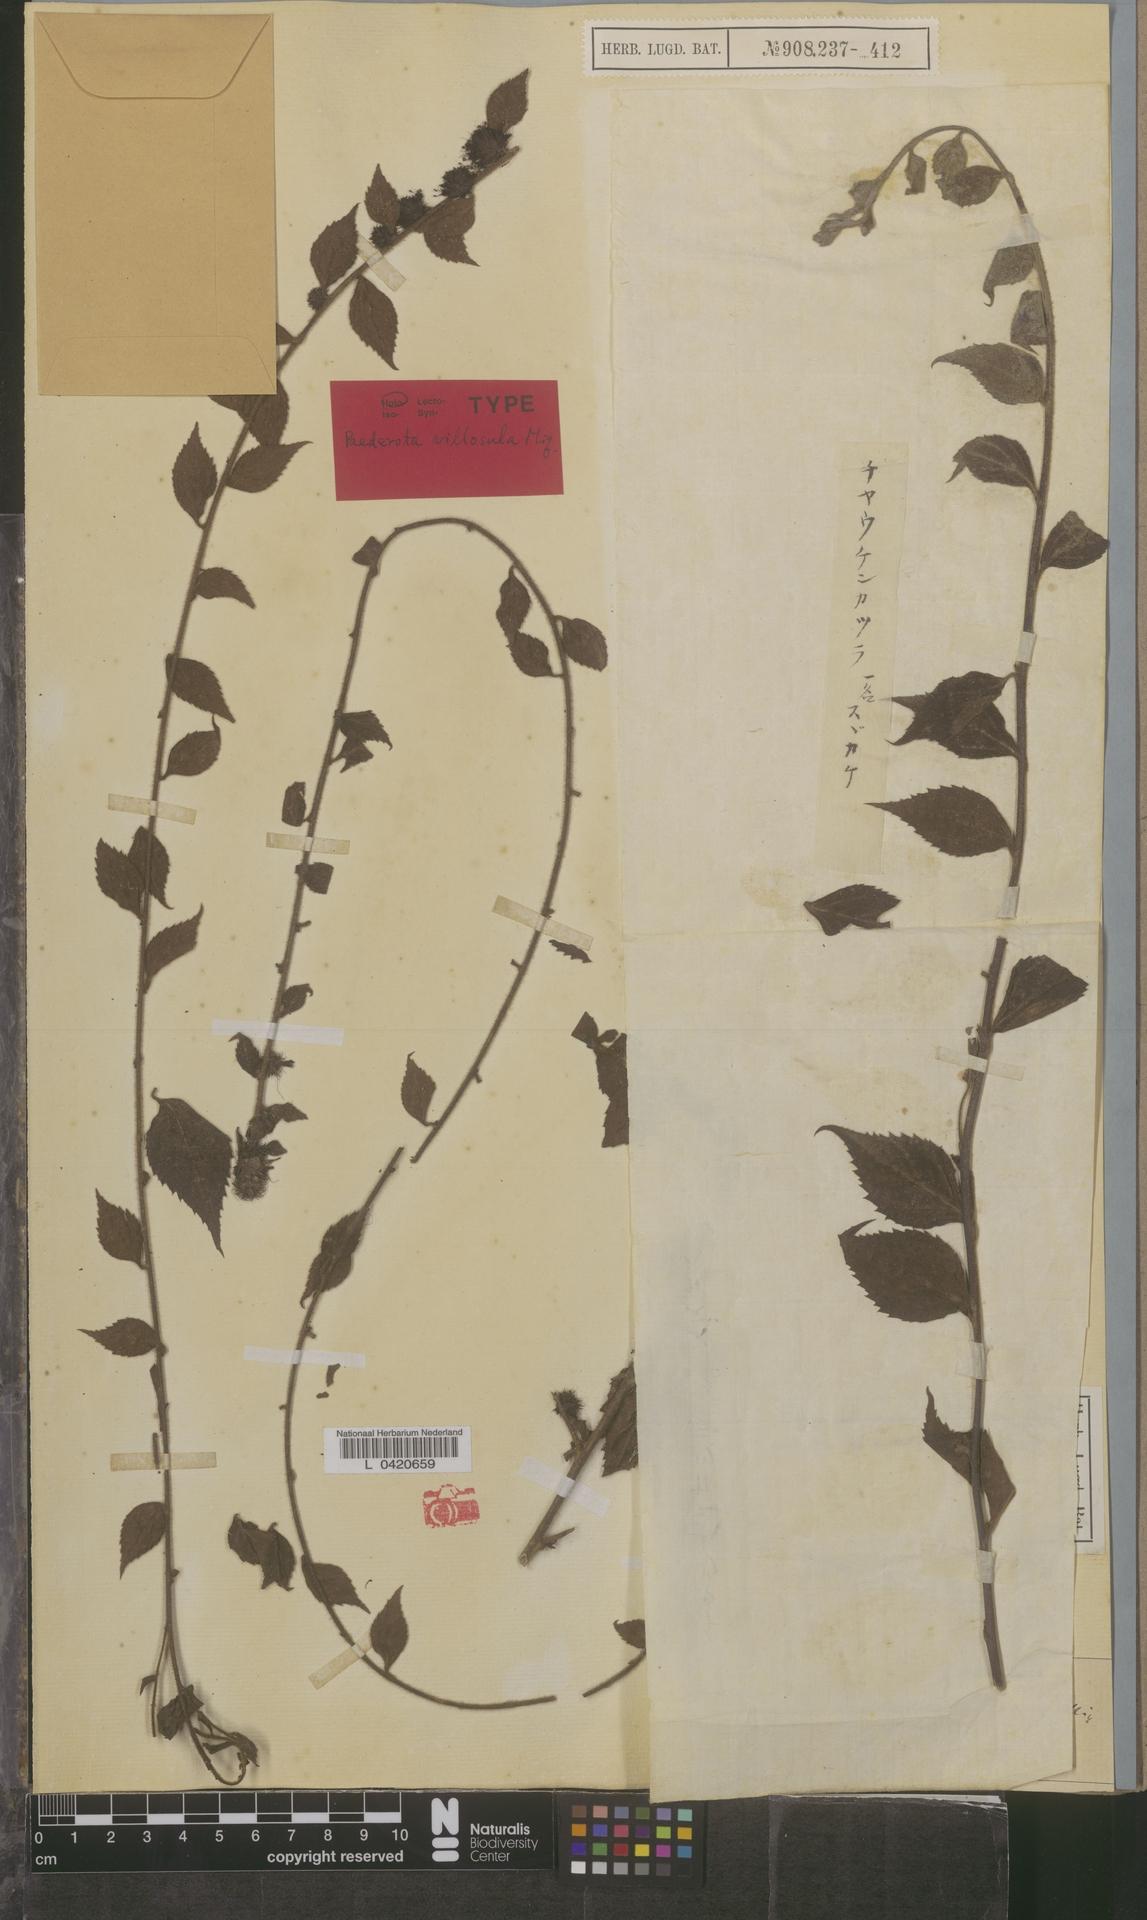 L  0420659   Botryopleuron villosulum (Miq.) Makino